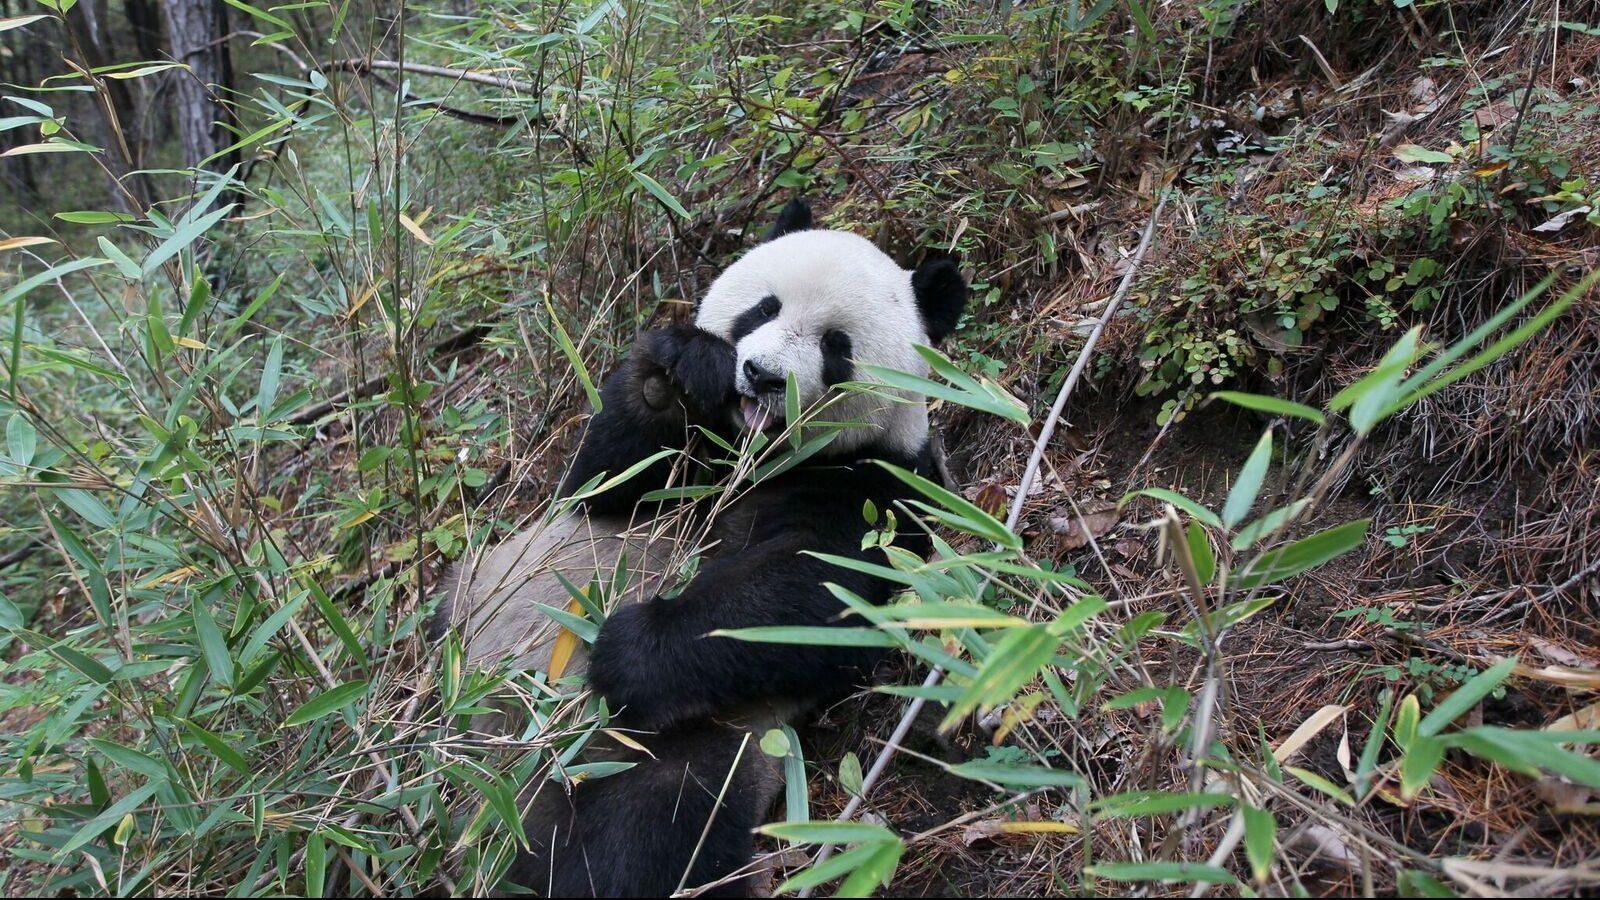 A panda eating in his natural habitat.